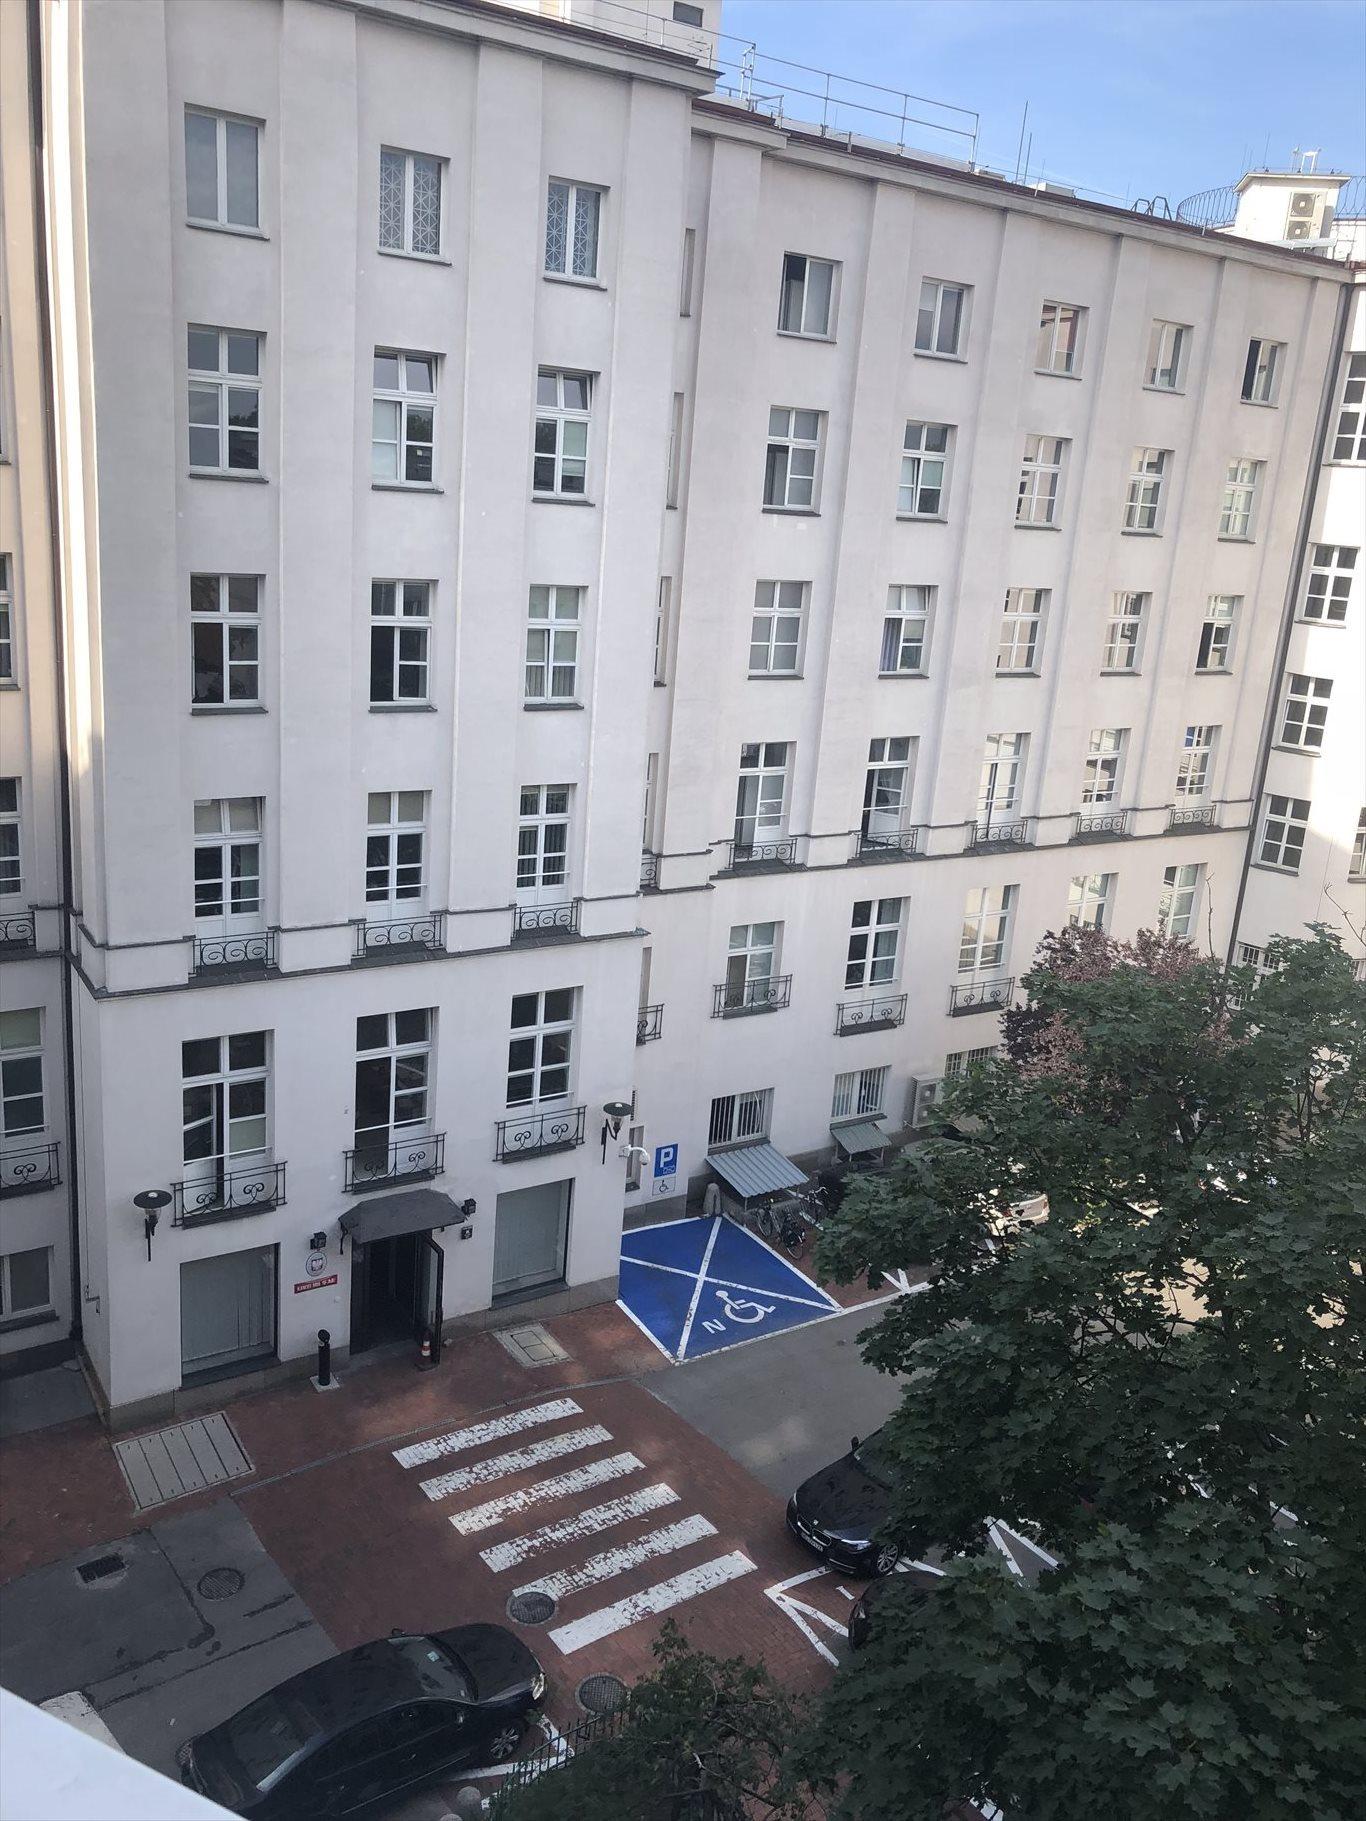 Kawalerka na wynajem Warszawa, Śródmieście, Wiejska 2  33m2 Foto 10